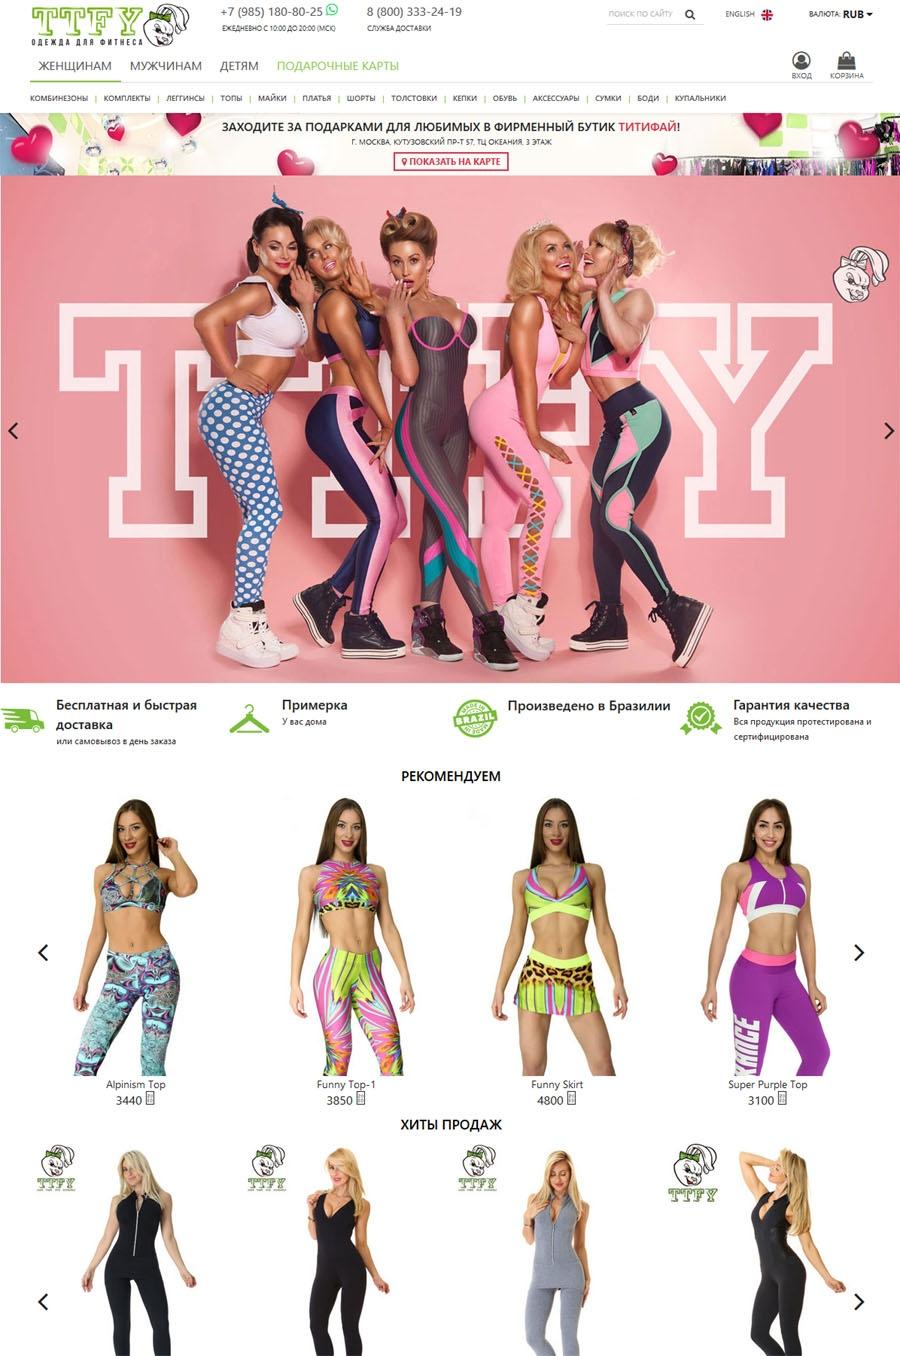 eff99896d88b TTFY - интернет-магазин одежды для фитнеса и спорта официального ...